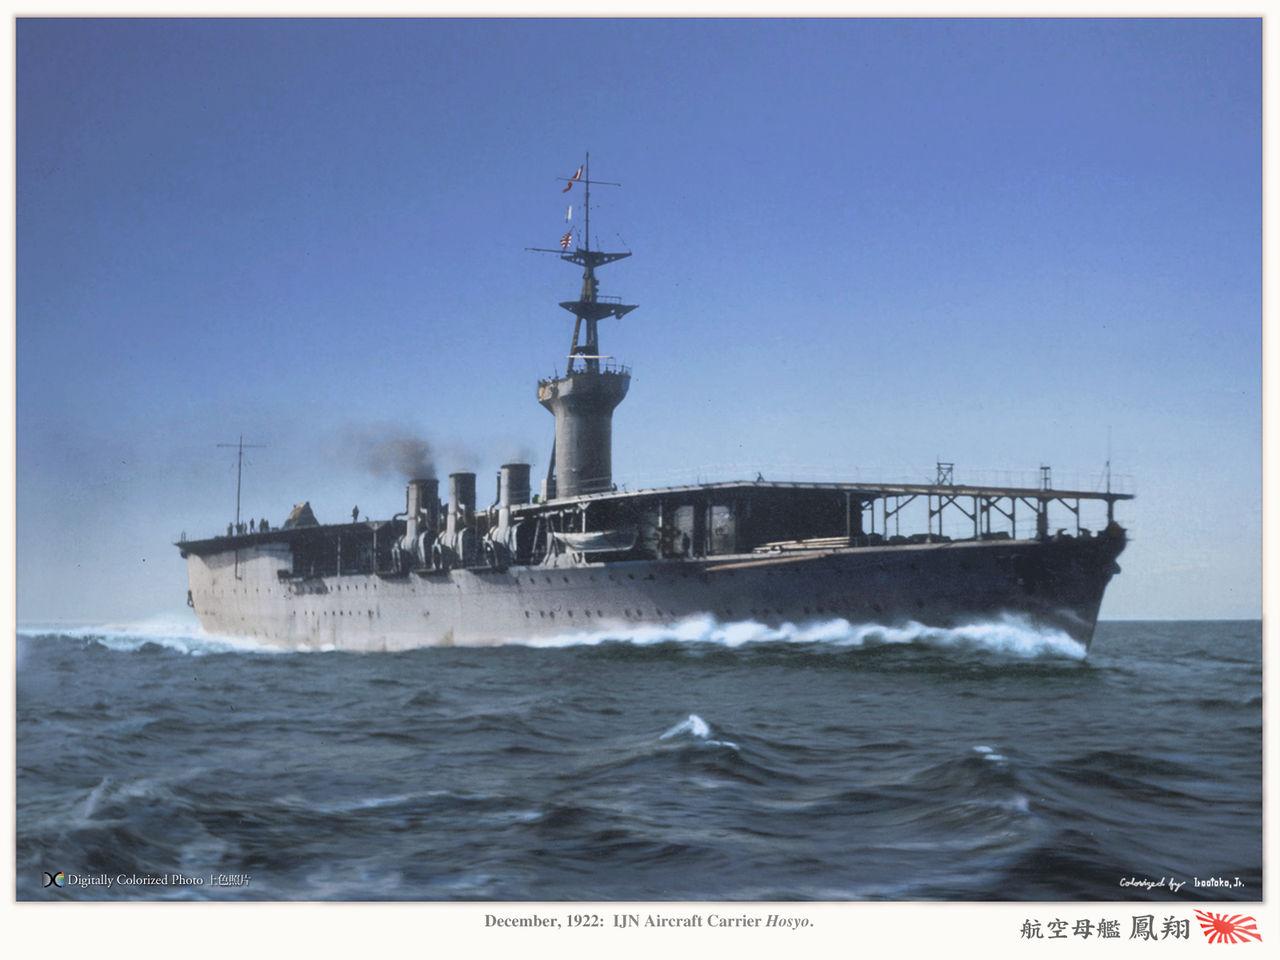 Hosho at sea - hirootoko Jr